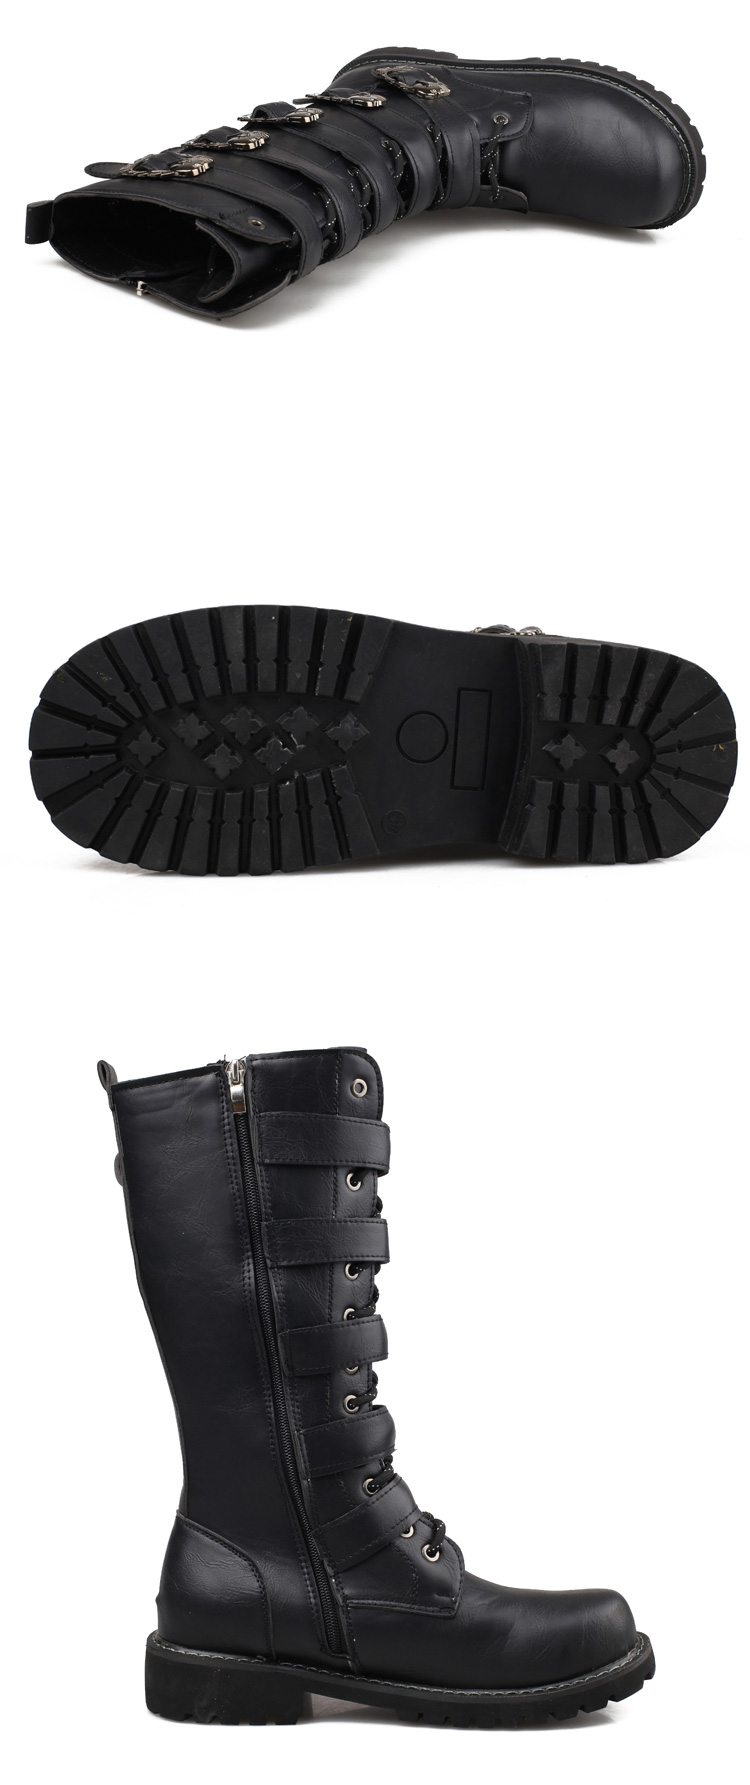 Fashion Plus Size High-top Men Boots Five Belt Buckle Decorative Male